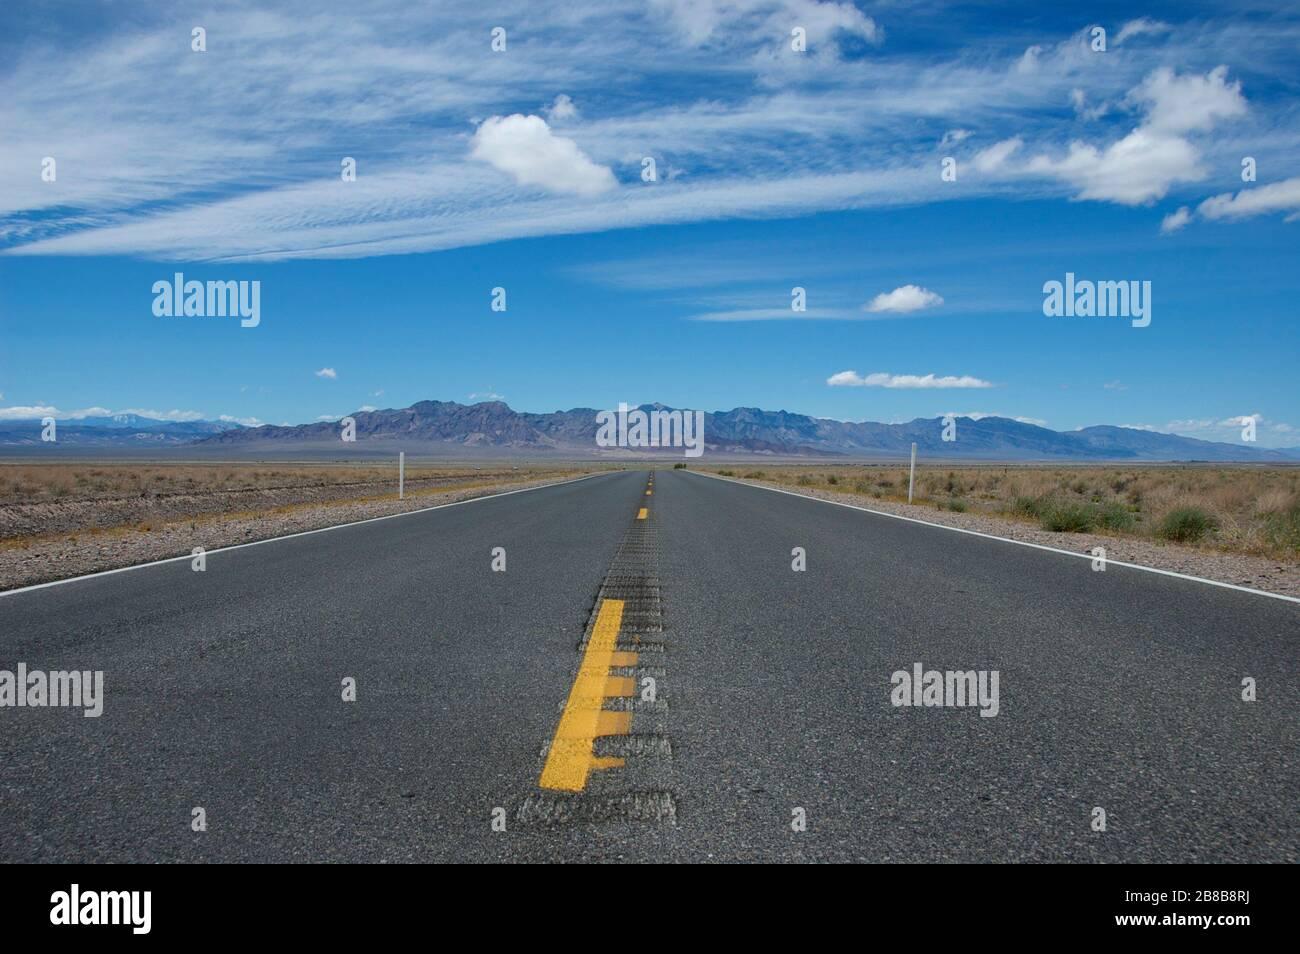 El camino abierto en el centro de California Foto de stock